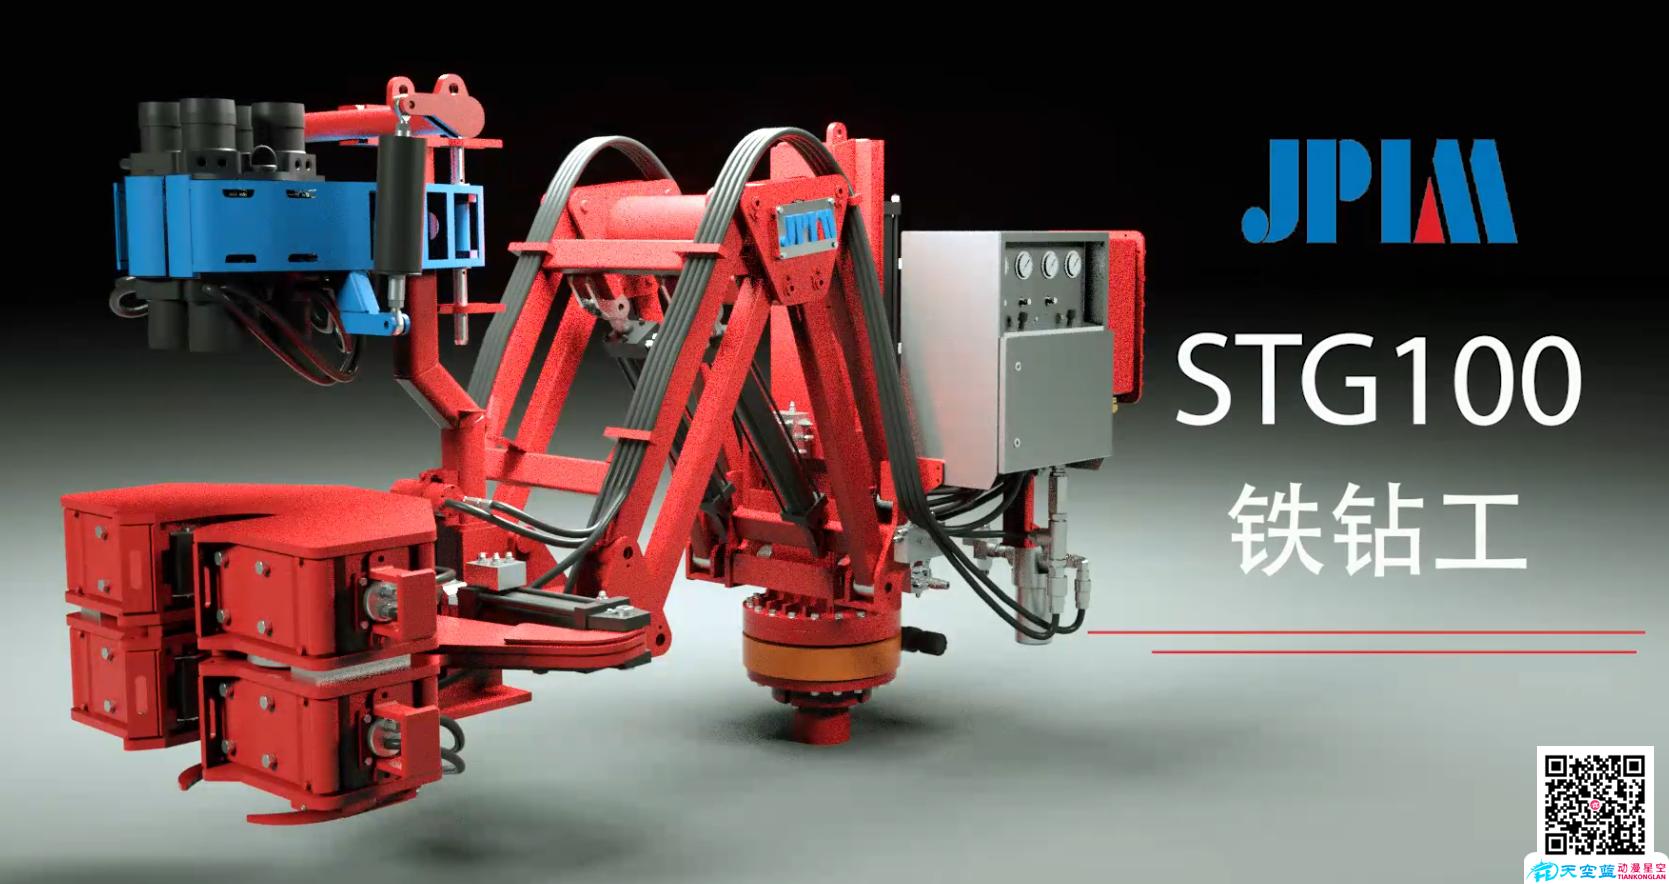 江汉仪器「STG型铁钻工」三维工业仿真机械动画制作